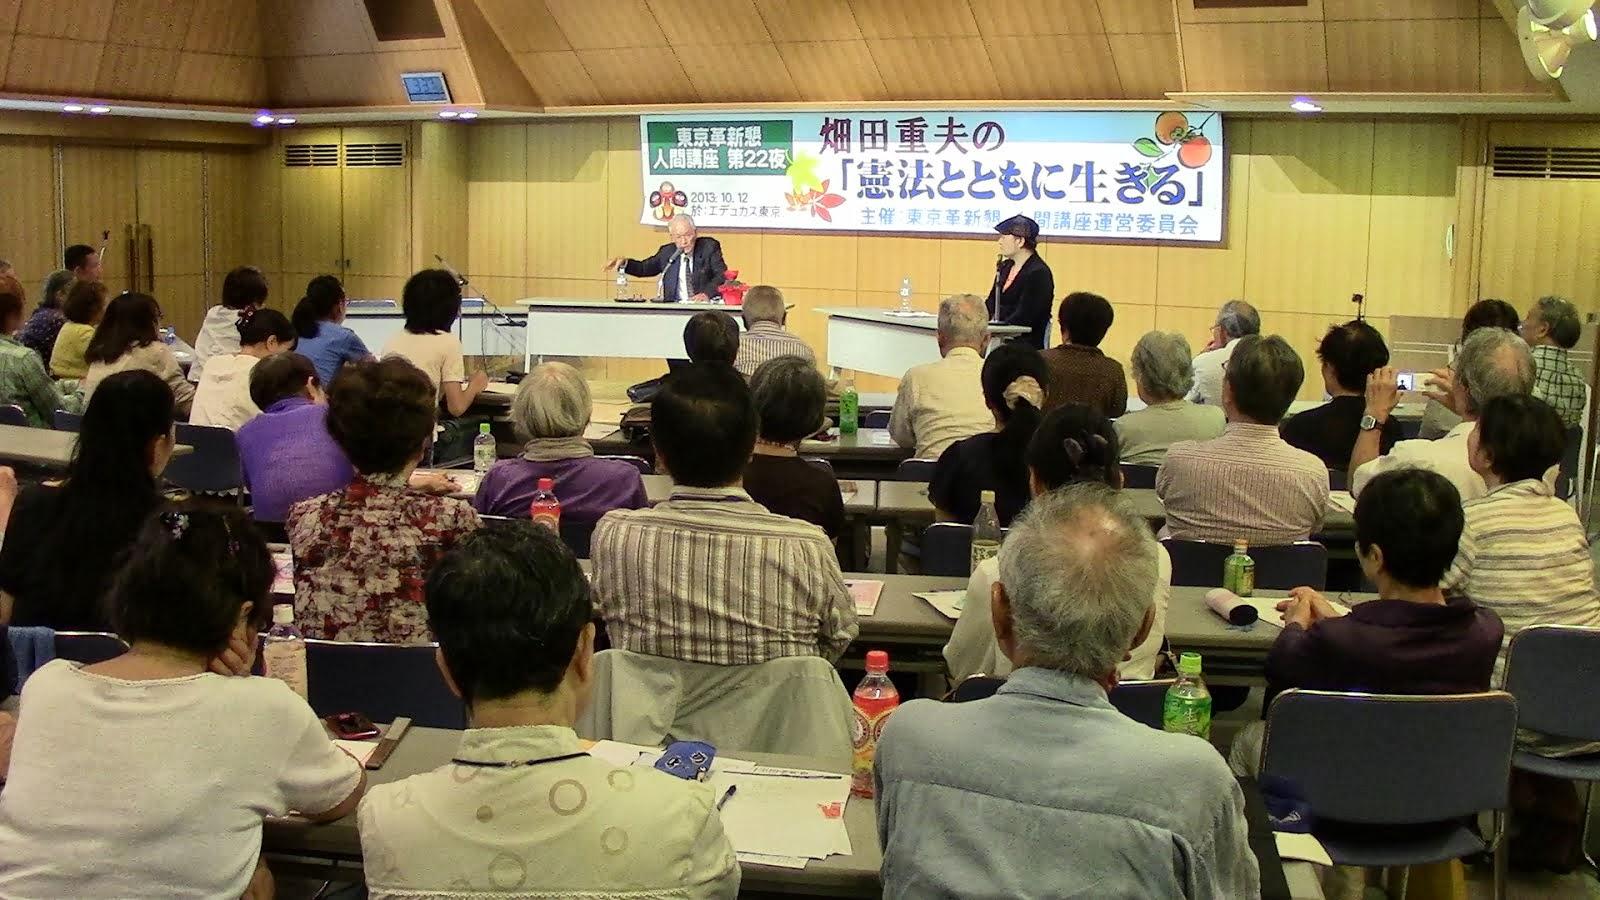 畑田重夫の人間講座「憲法とともに生きる」に120人